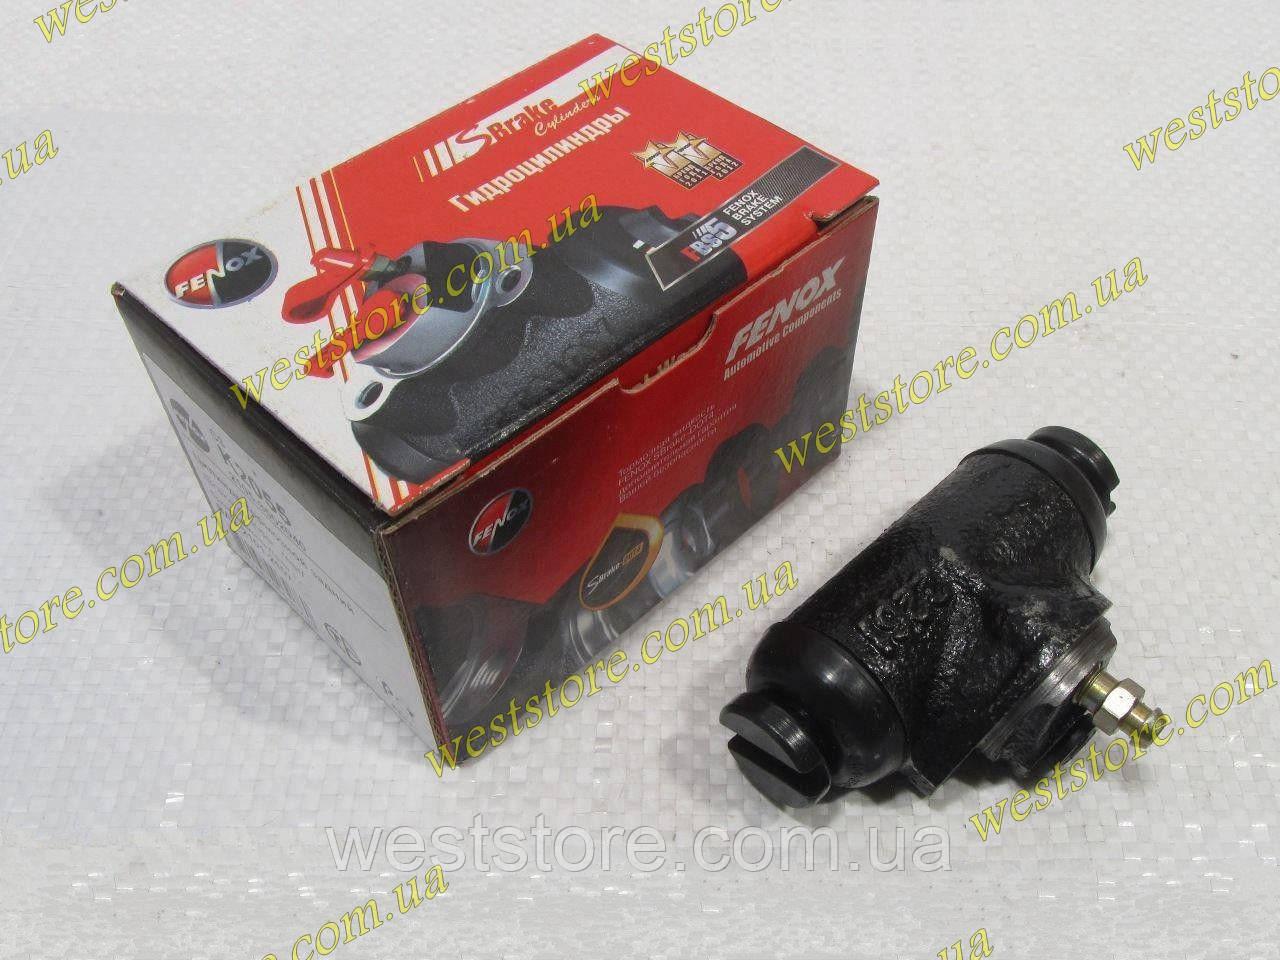 Цилиндр тормозной задний рабочий ЗТЦ Ваз 2101 2102 2103 2104 2105 2106 2107 Фенокс Fenox K2055C3